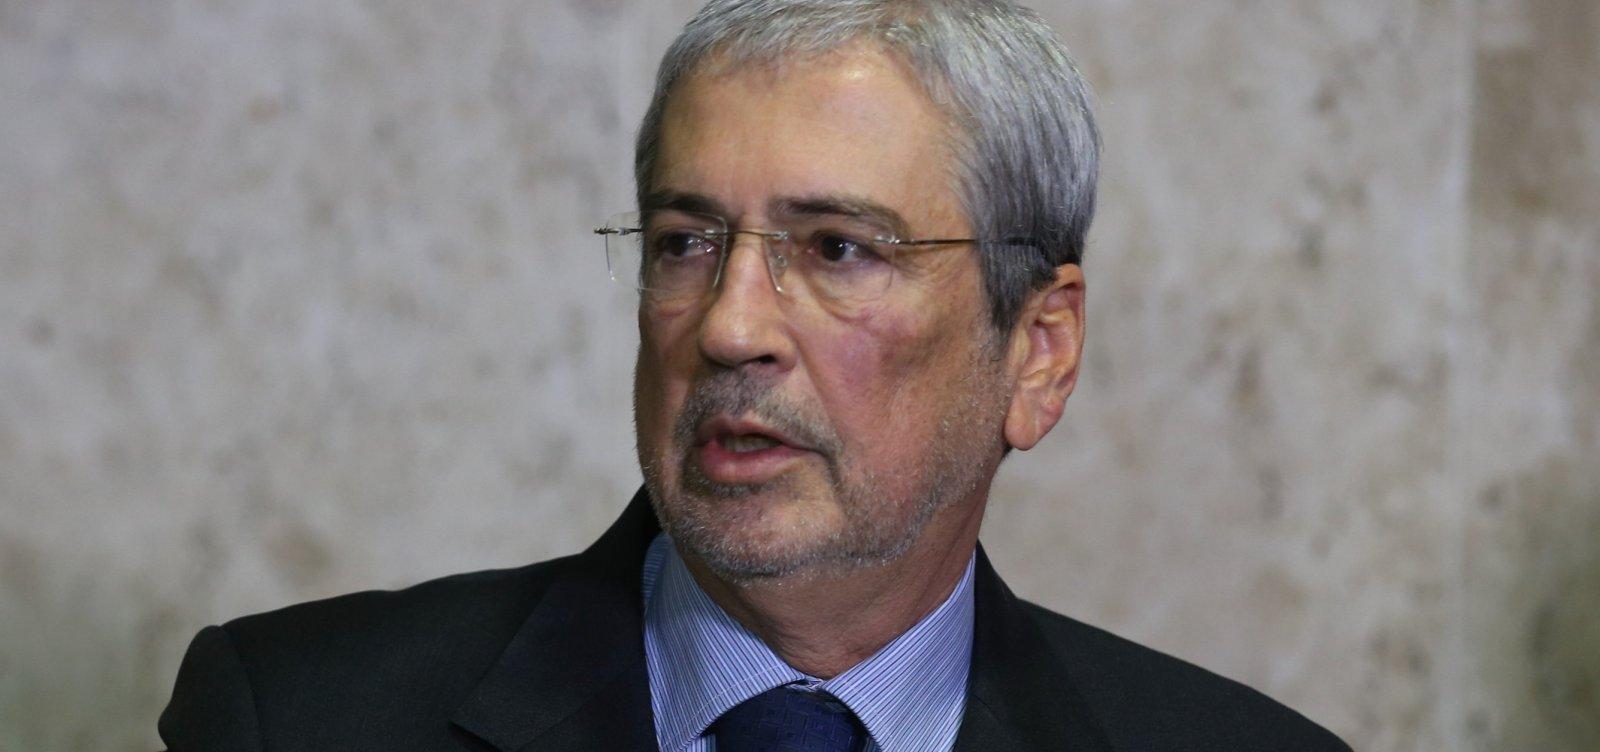 [Imbassahy defende reforma da previdência iniciada por Temer: 'Ganho Processual']